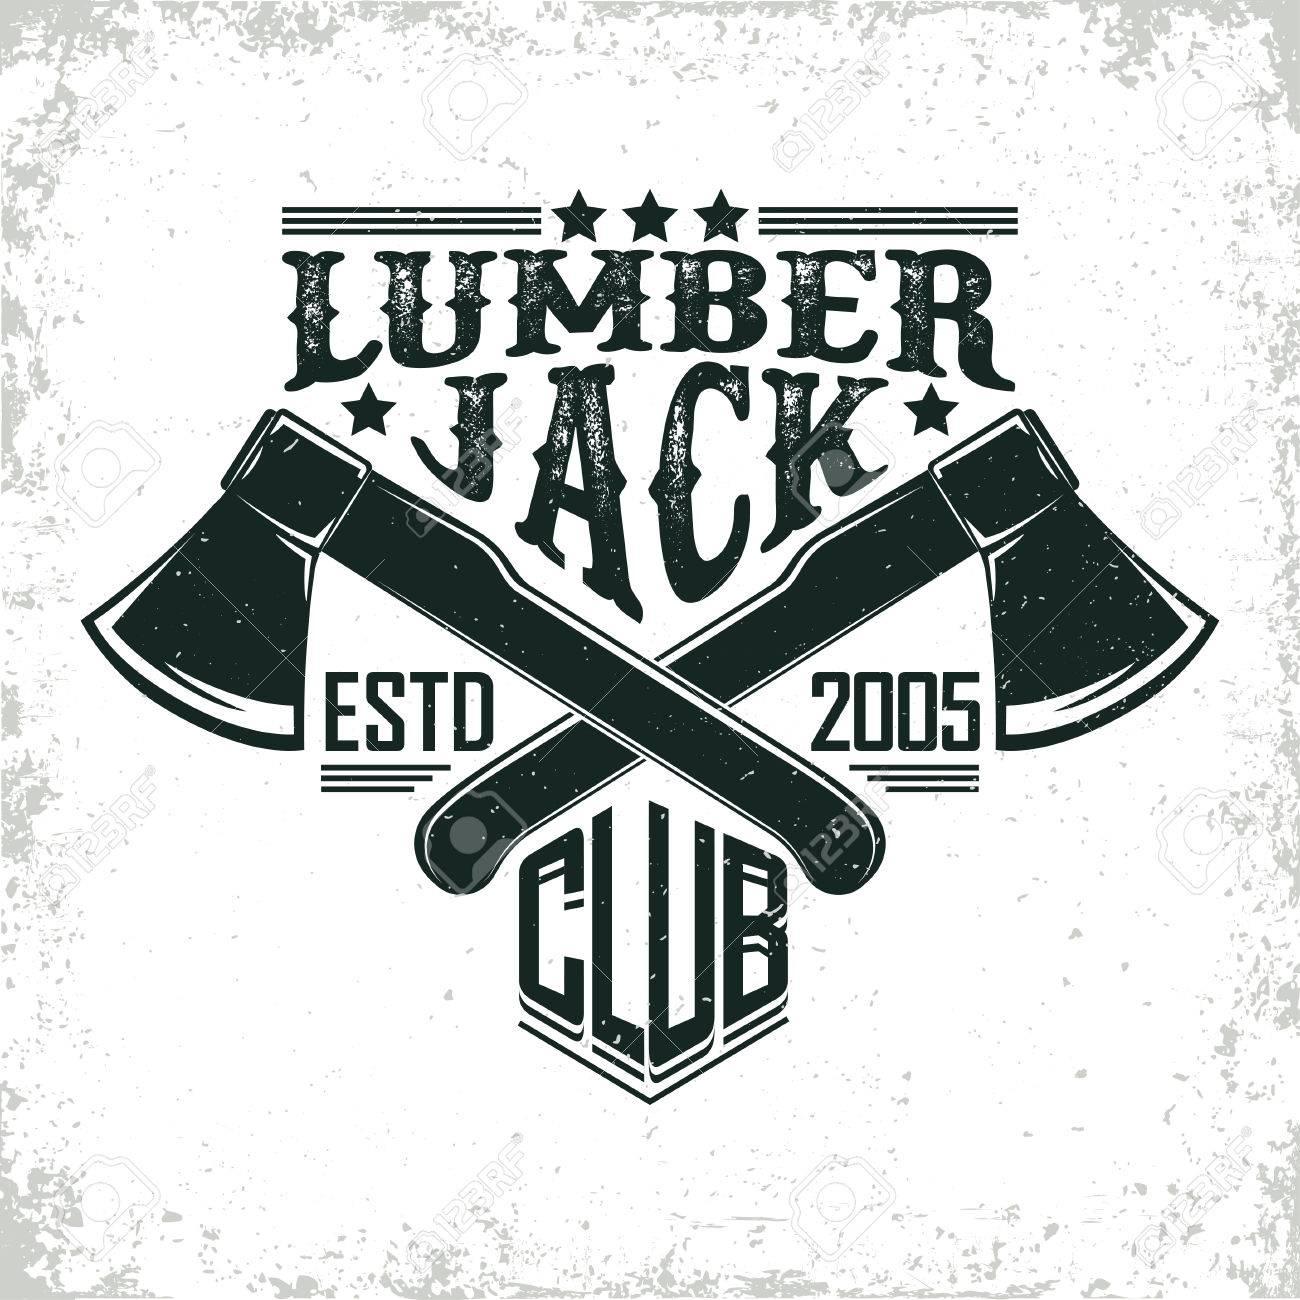 Vintage woodworking logo design, grange print stamp, creative carpentry typography emblem, Vector - 72244068